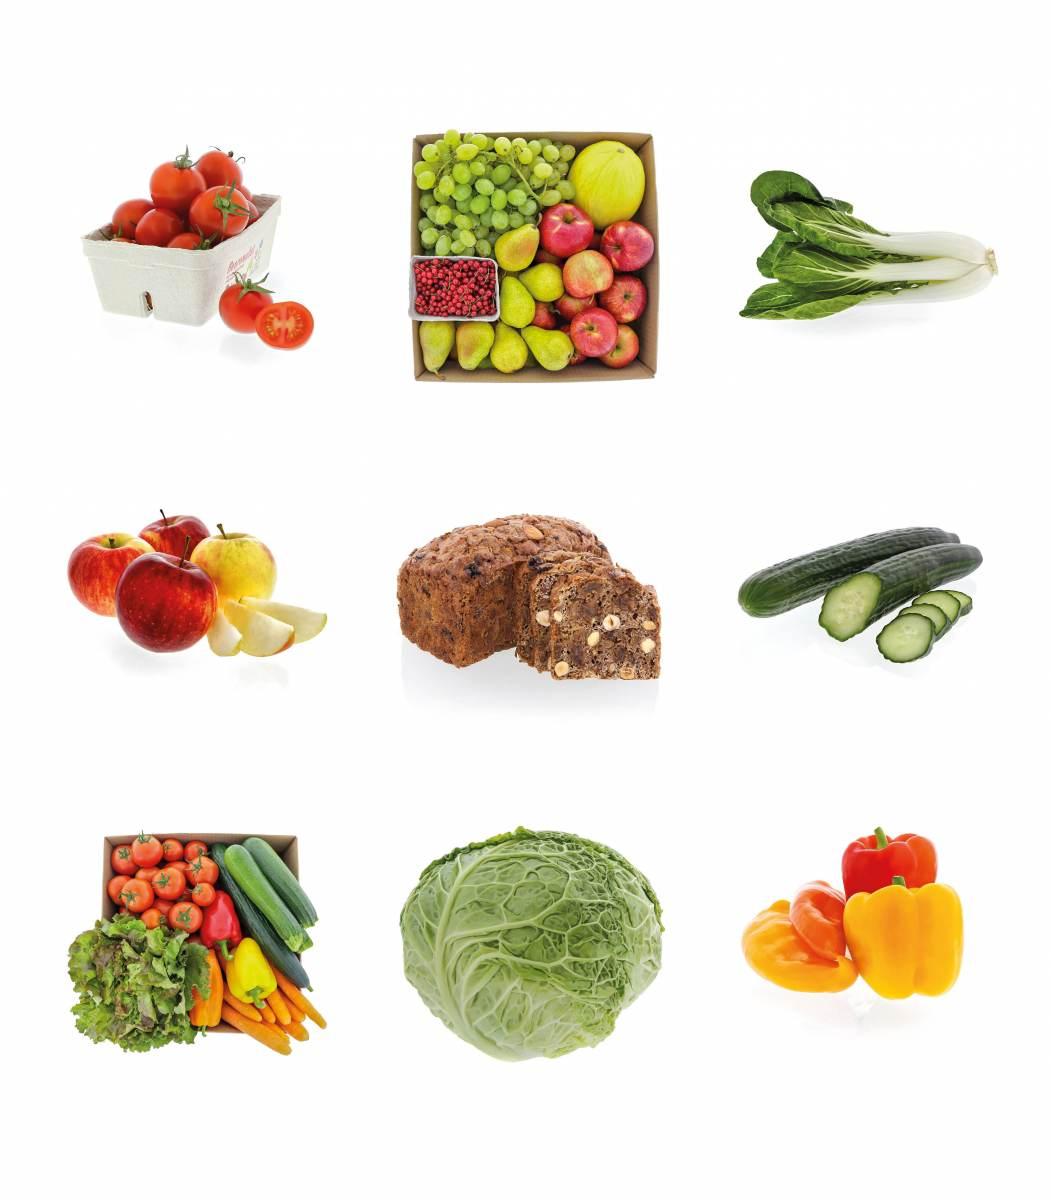 Productfotografie für Lebe Gesund Versand